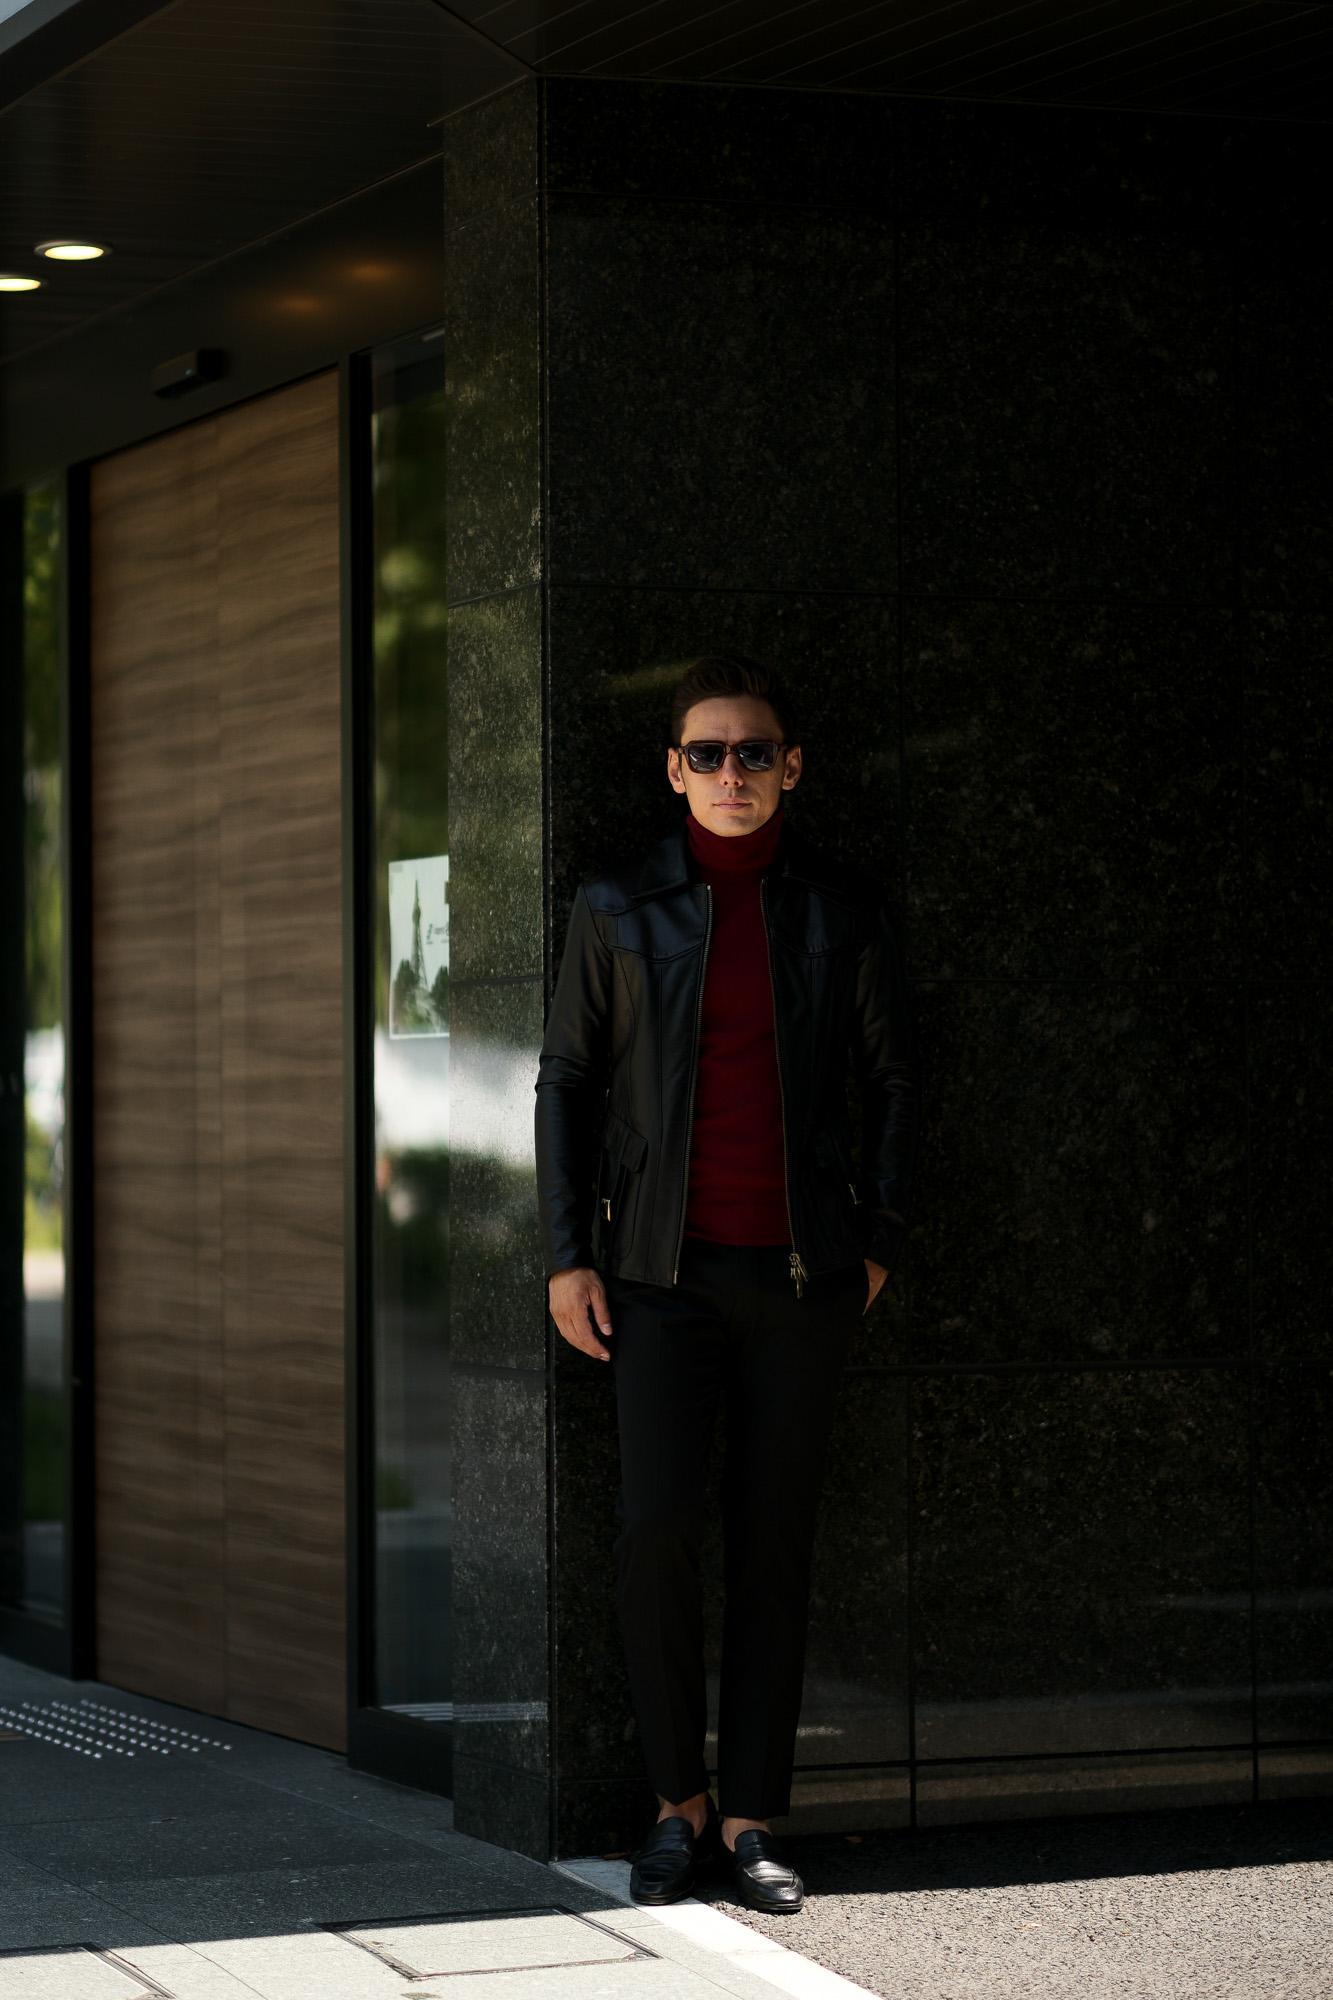 Cuervo (クエルボ) Satisfaction Leather Collection (サティスファクション レザー コレクション) East West(イーストウエスト)  SMOKE(スモーク) BUFFALO LEATHER (バッファロー レザー) レザージャケット BLACK(ブラック) MADE IN JAPAN (日本製) 2019 秋冬新作 愛知 名古屋 altoediritto アルトエデリット 洋服屋 レザージャケット サウスパラディソ eastwest